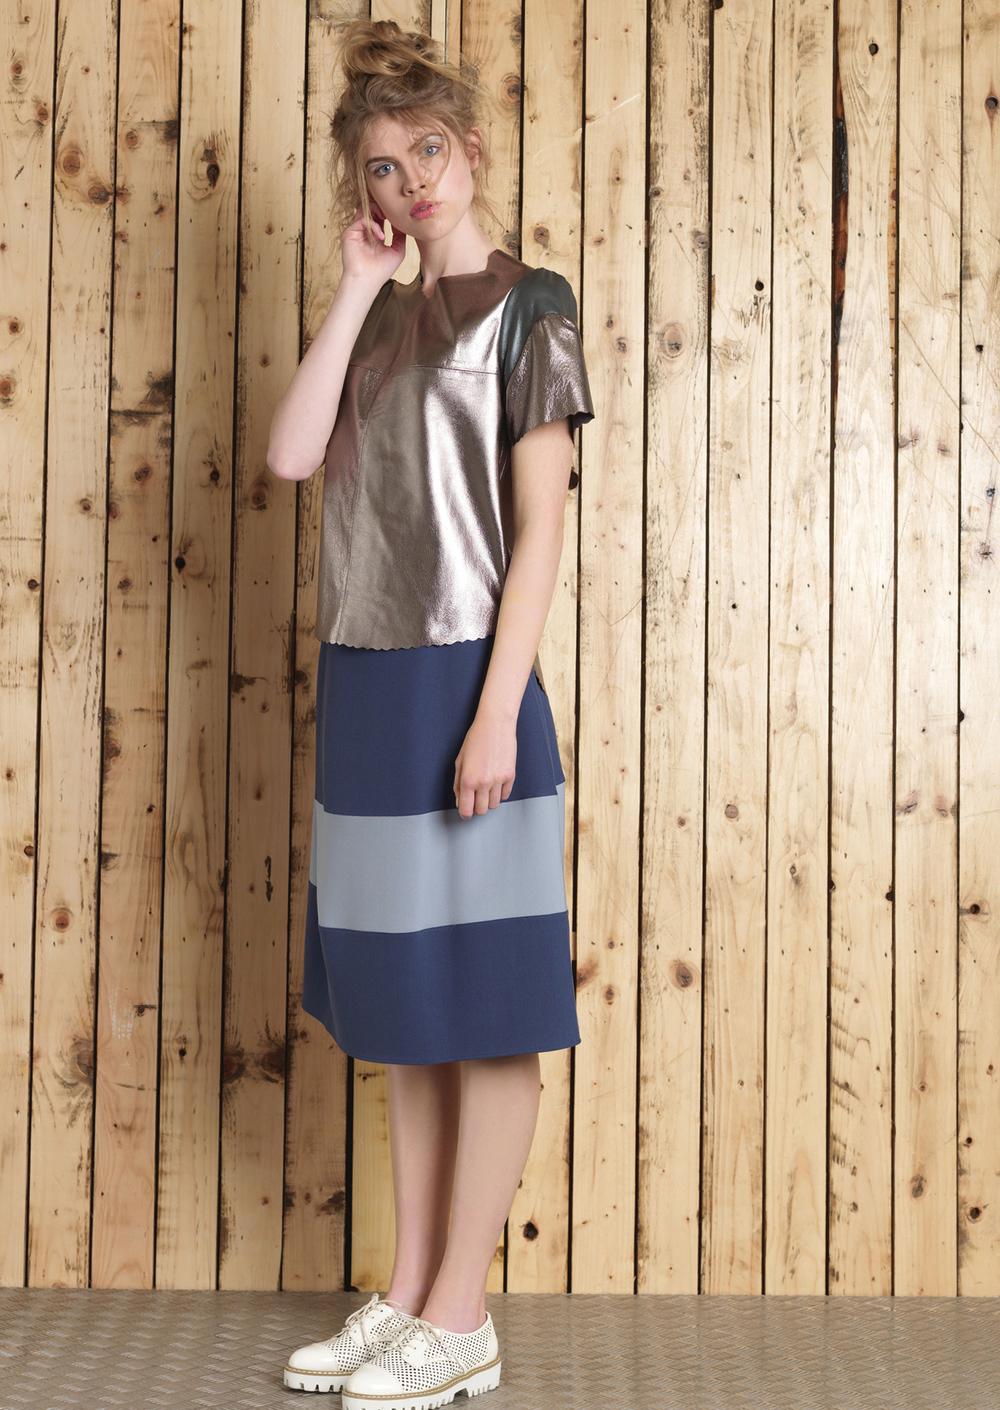 Erin Metallic Tee // Lana Skirt